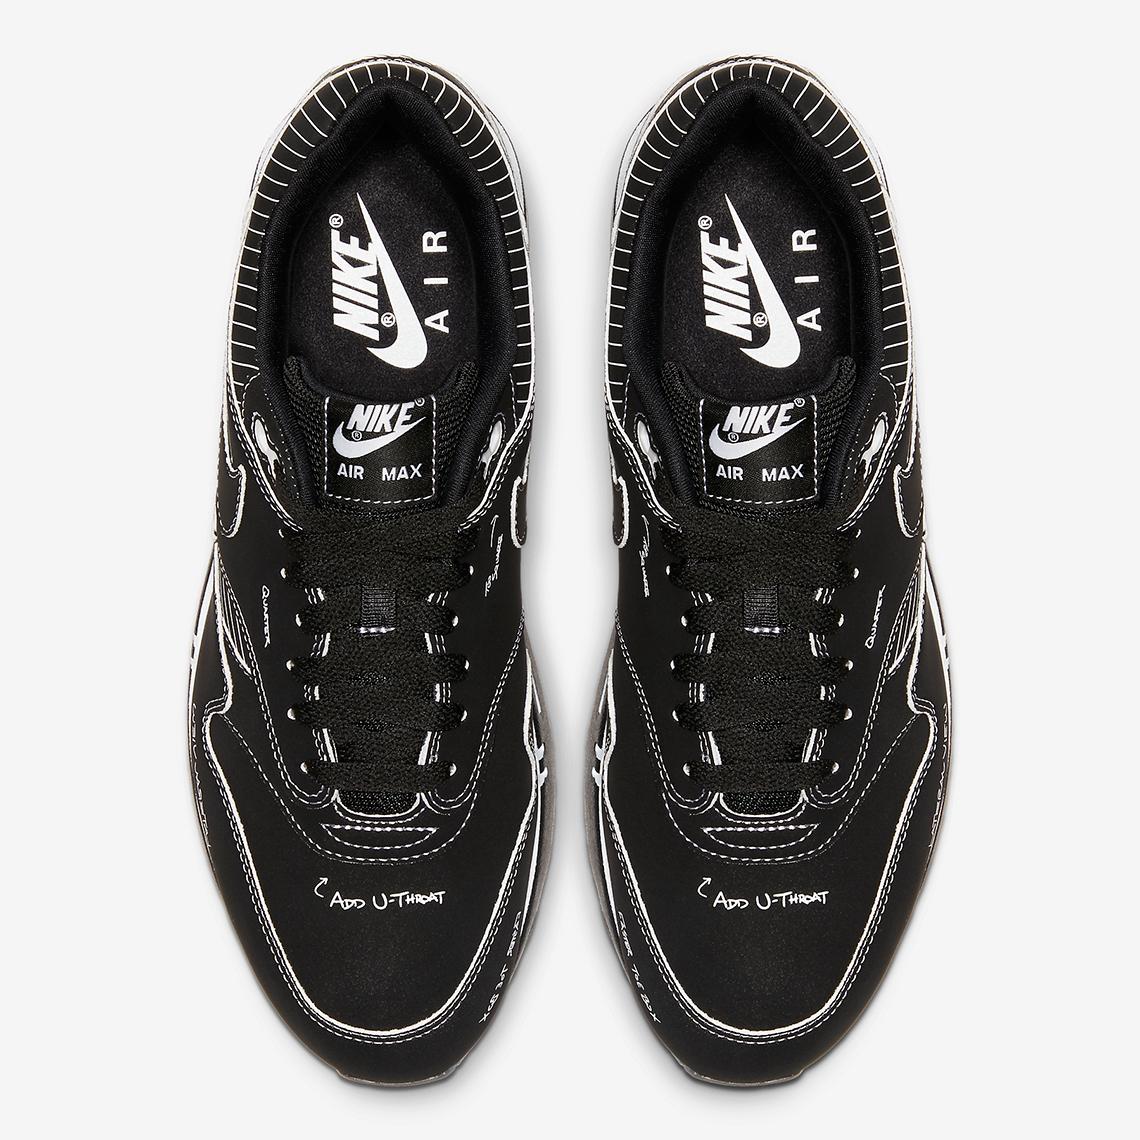 Nike Air Max 1 QS 'Sketch to Shelf' Black   CJ4286 001